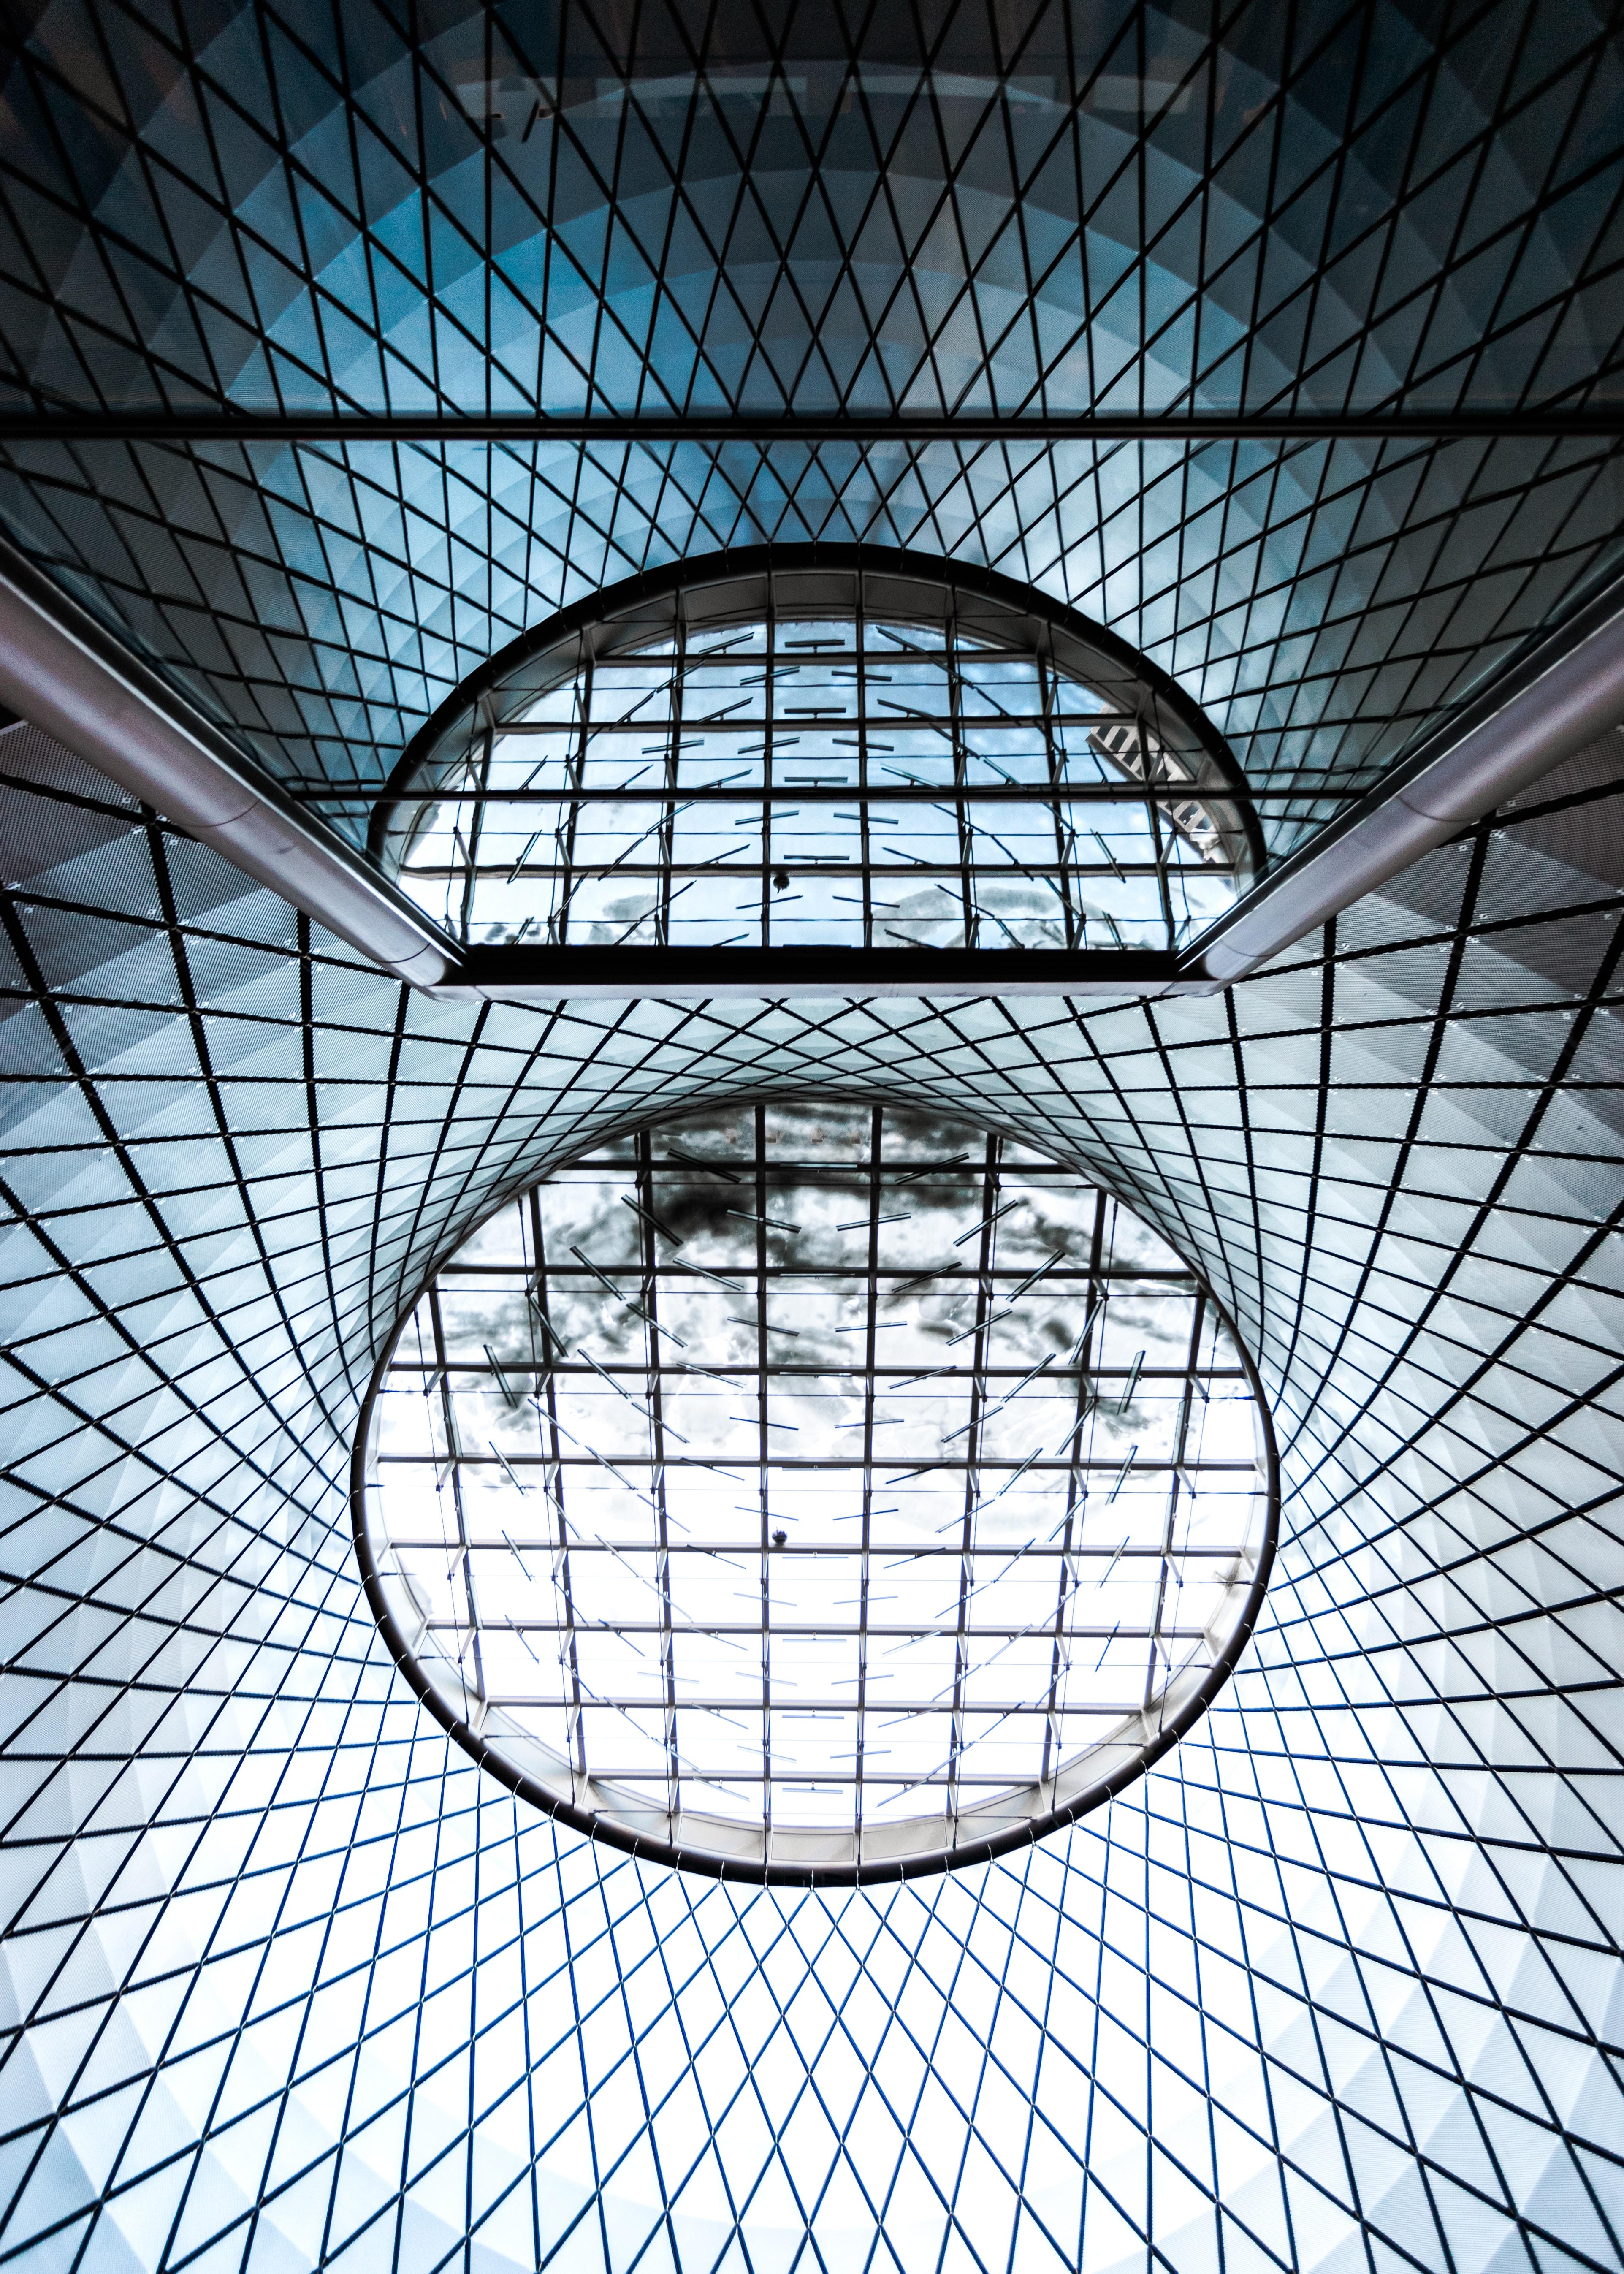 round glass ceiling windowpane